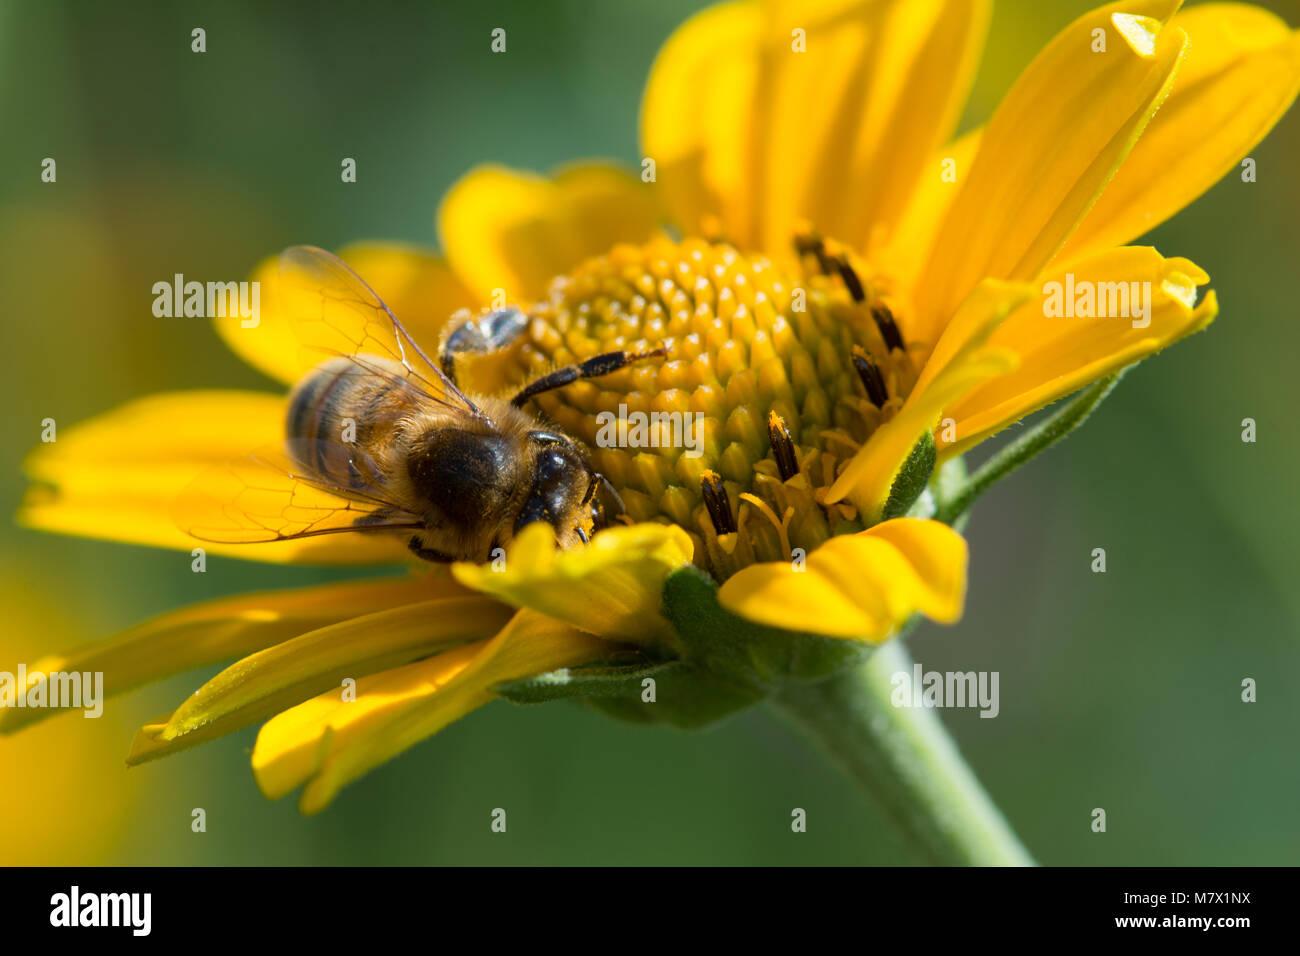 Cerrar la macro del oeste de miel de abejas Apis mellifera en flor amarilla, recogiendo el néctar de las flores Foto de stock